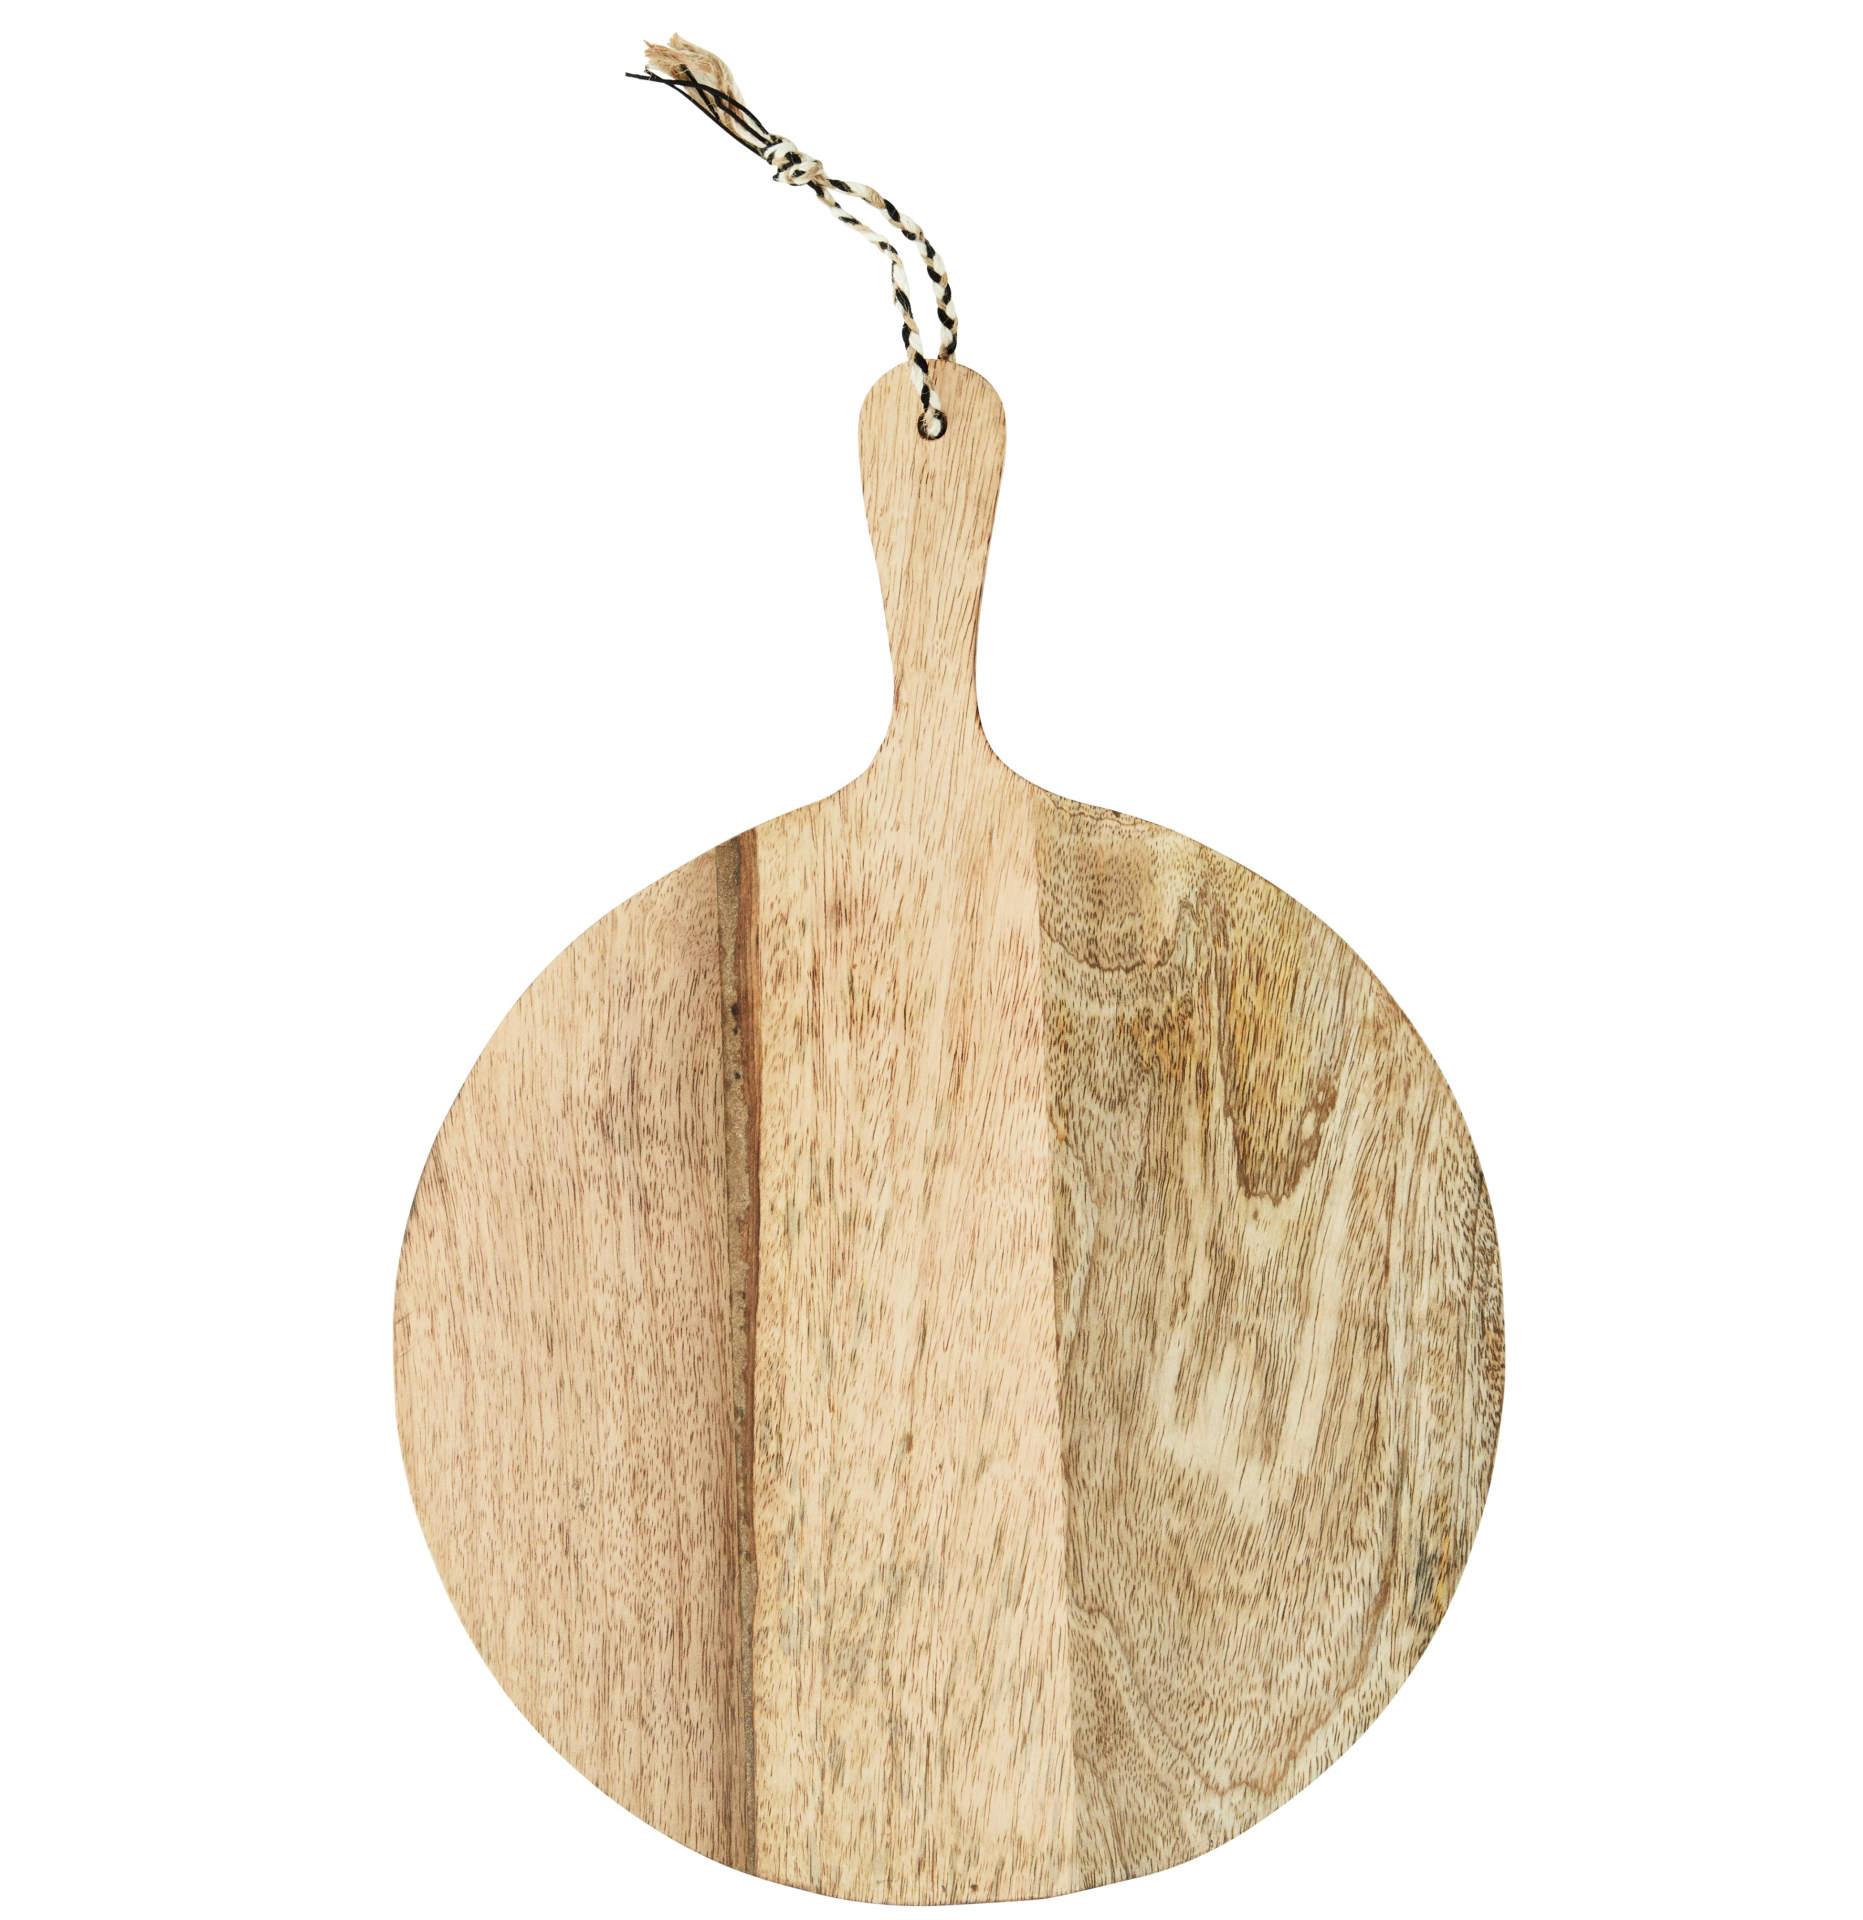 MADAM STOLTZ Dřevěné prkénko Mango Chopping Board, přírodní barva, dřevo